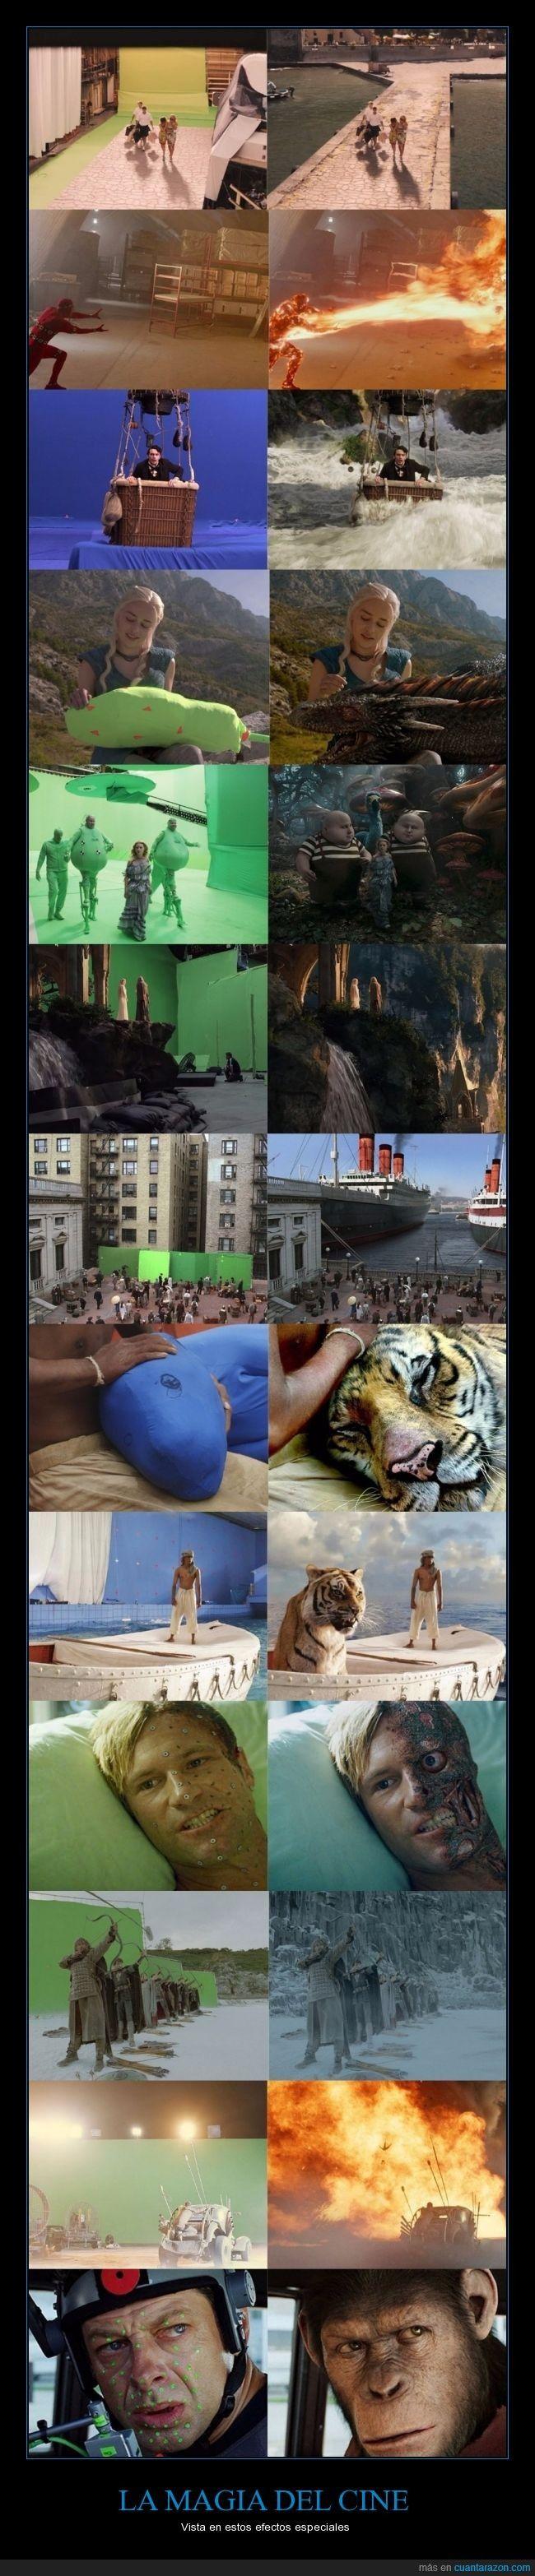 15 fotos del antes y el después que demuestran el poder de los efectos especiales en el cine - Vista en estos efectos especiales